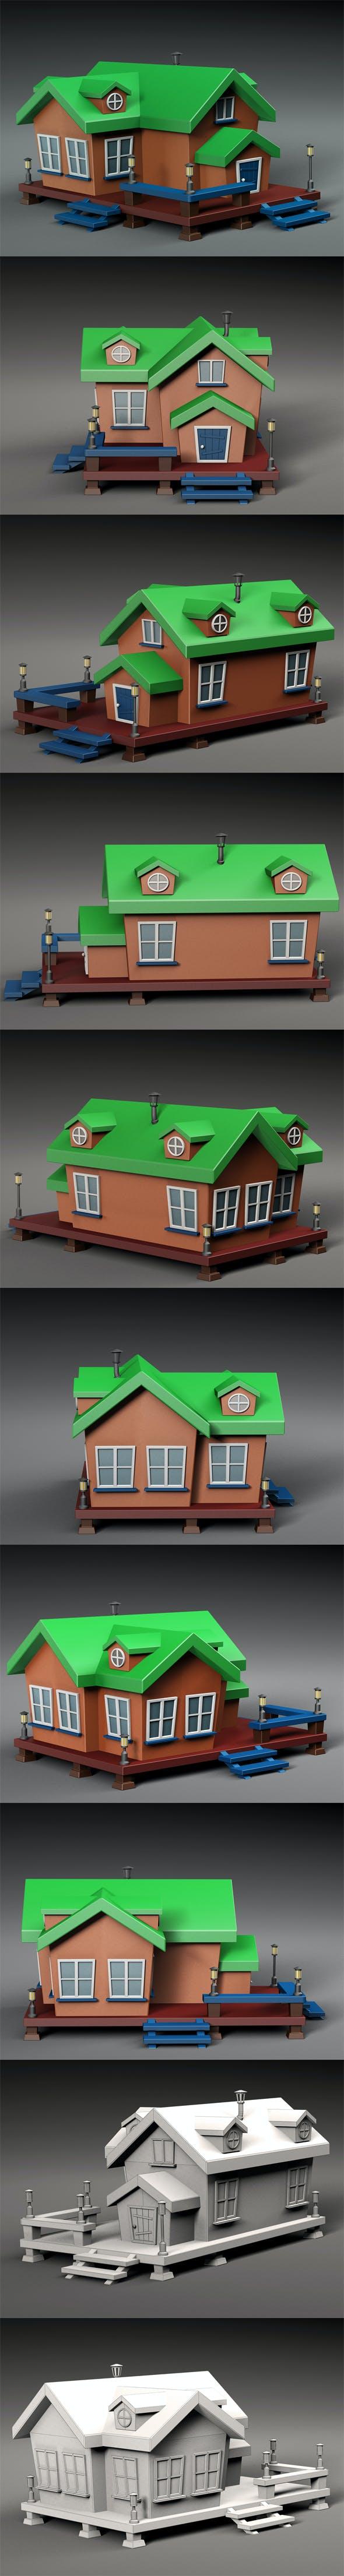 Cartoon house v1 - 3DOcean Item for Sale